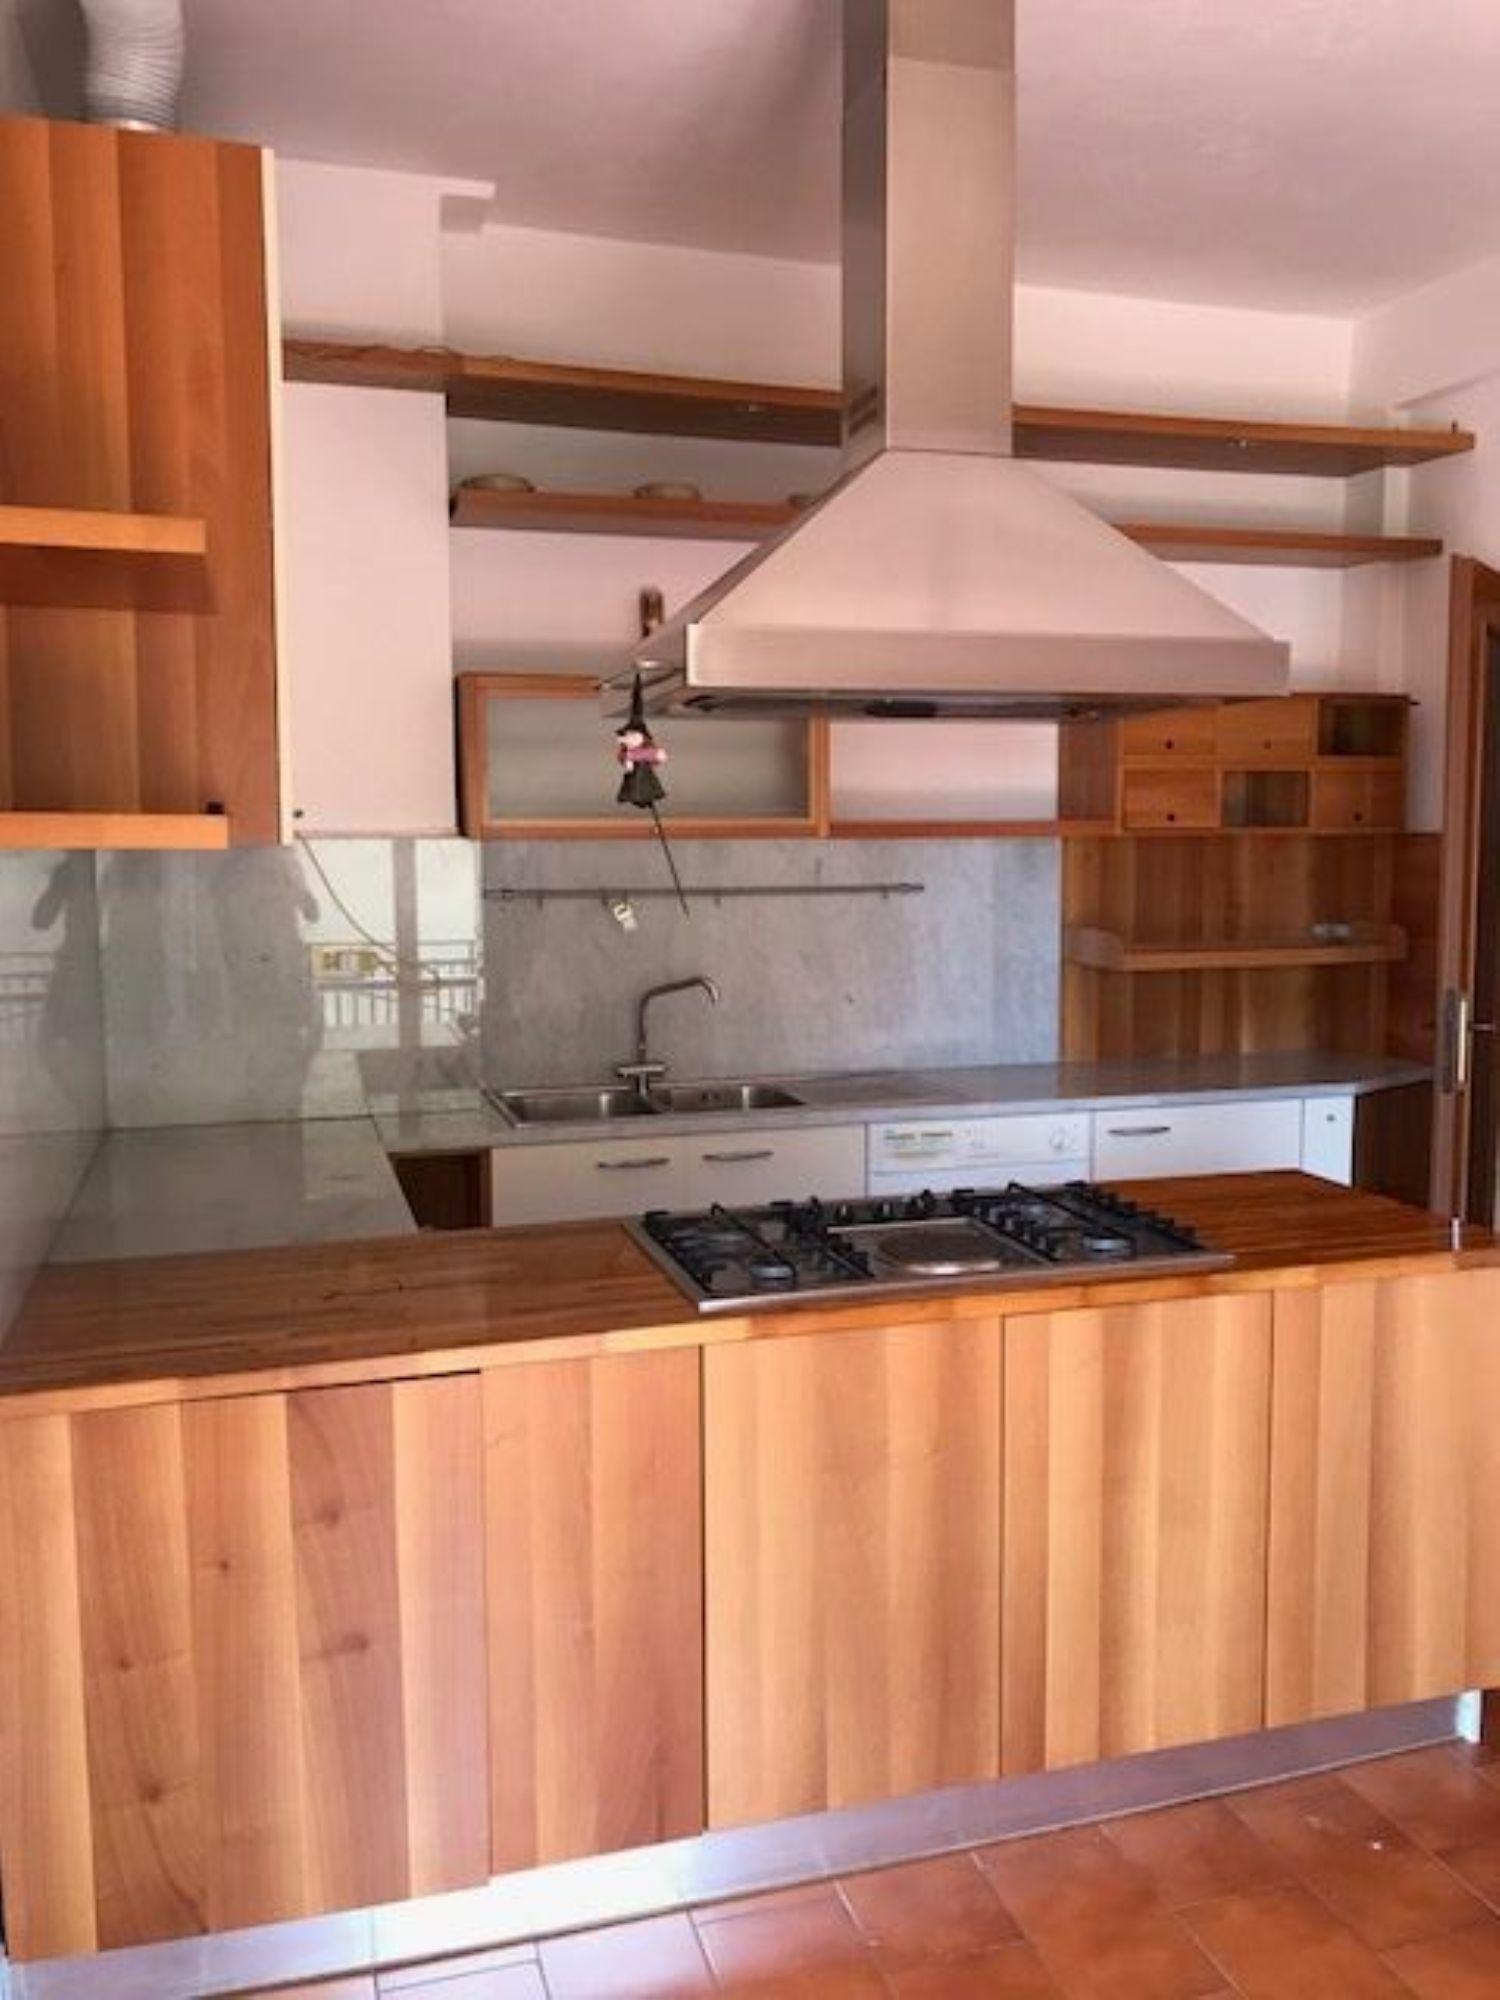 Villa Bifamiliare in affitto a Casarza Ligure, 4 locali, prezzo € 550 | CambioCasa.it